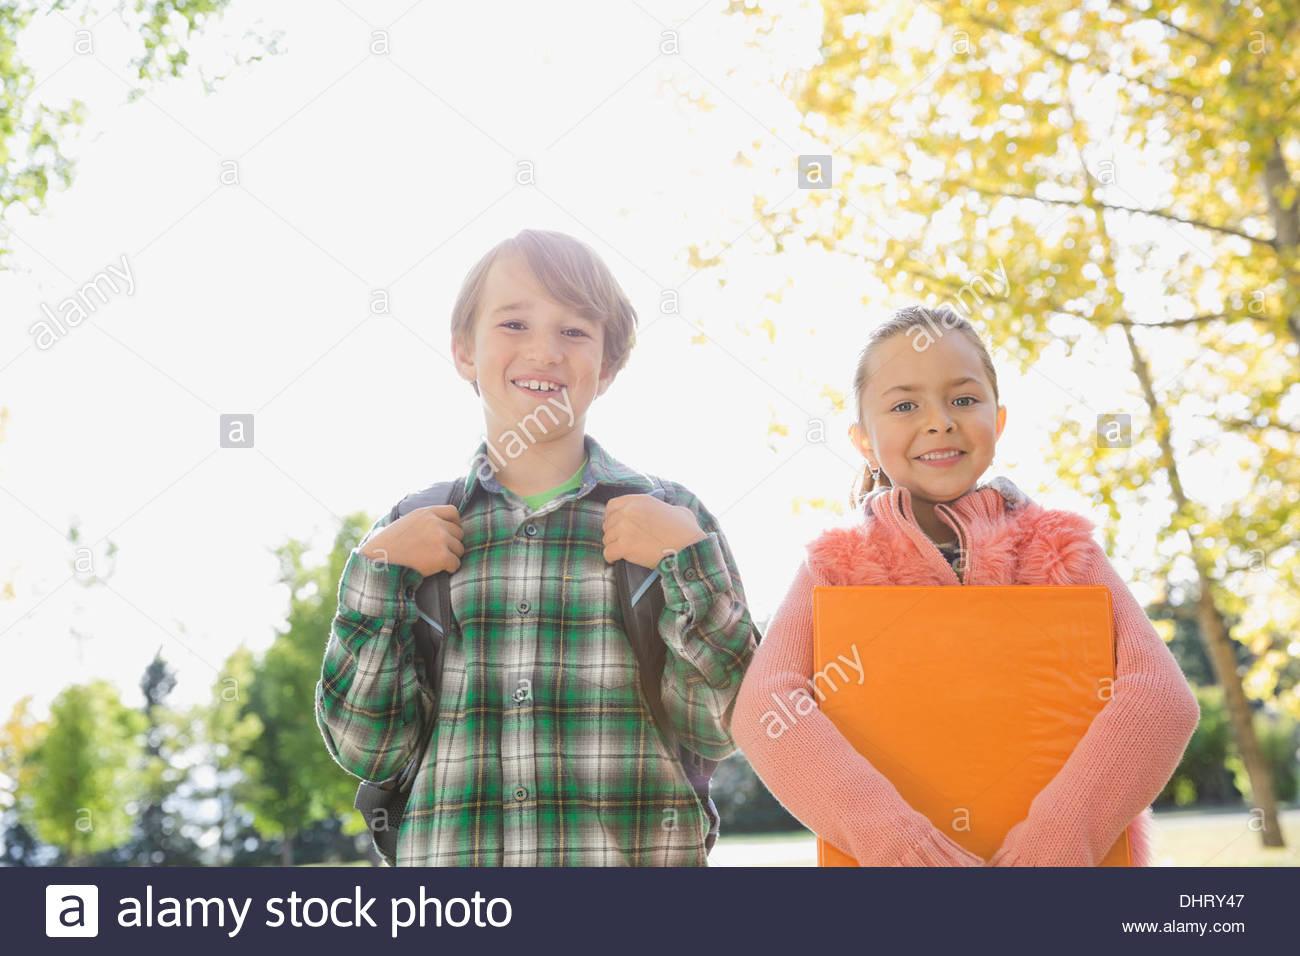 Portrait of happy school children outdoors - Stock Image